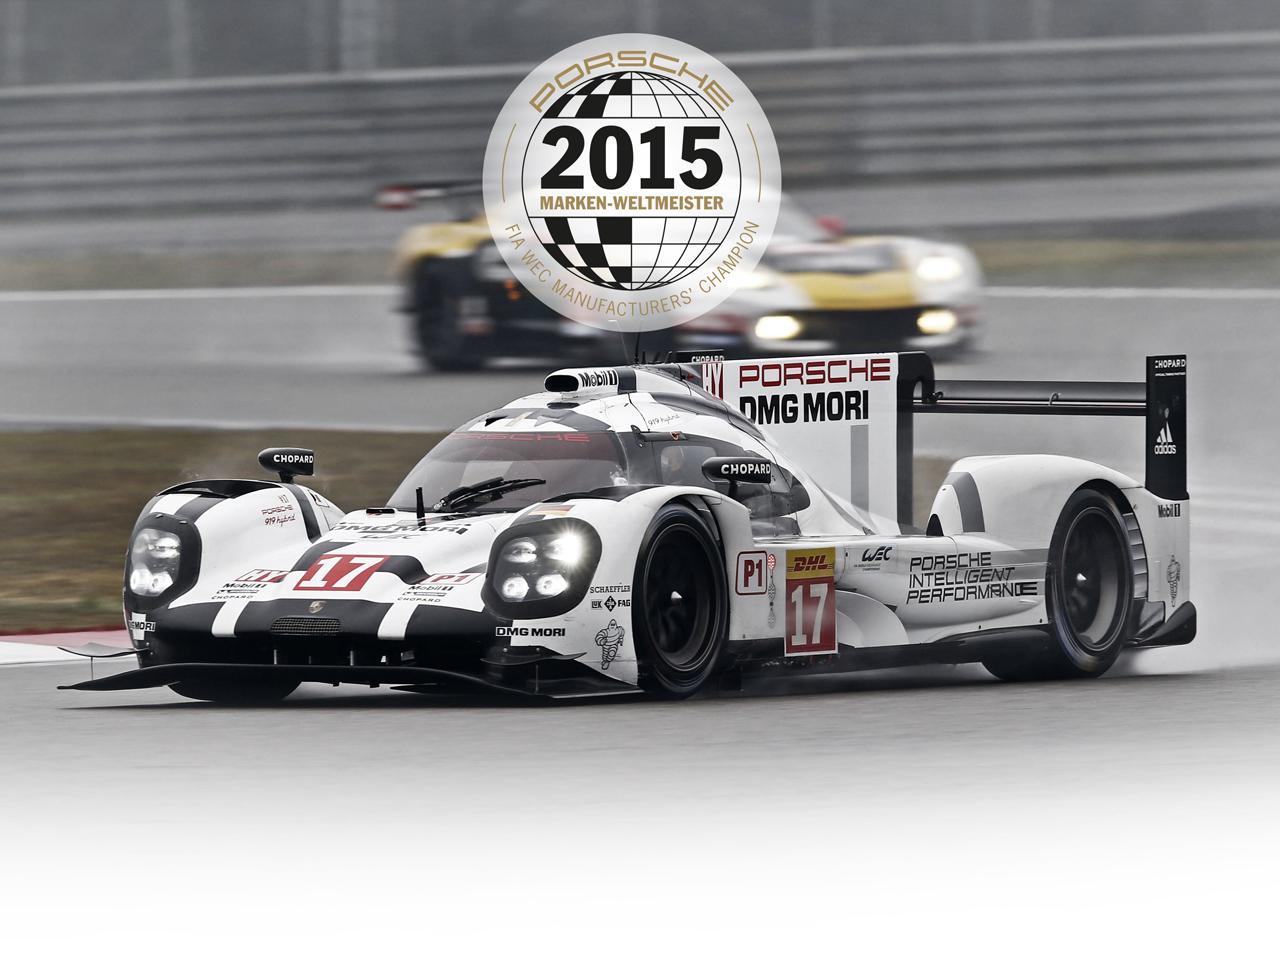 Porsche FIA WEC 6h of Shanghai: Porsche holt Hersteller-WM mit weiterem Doppelsieg